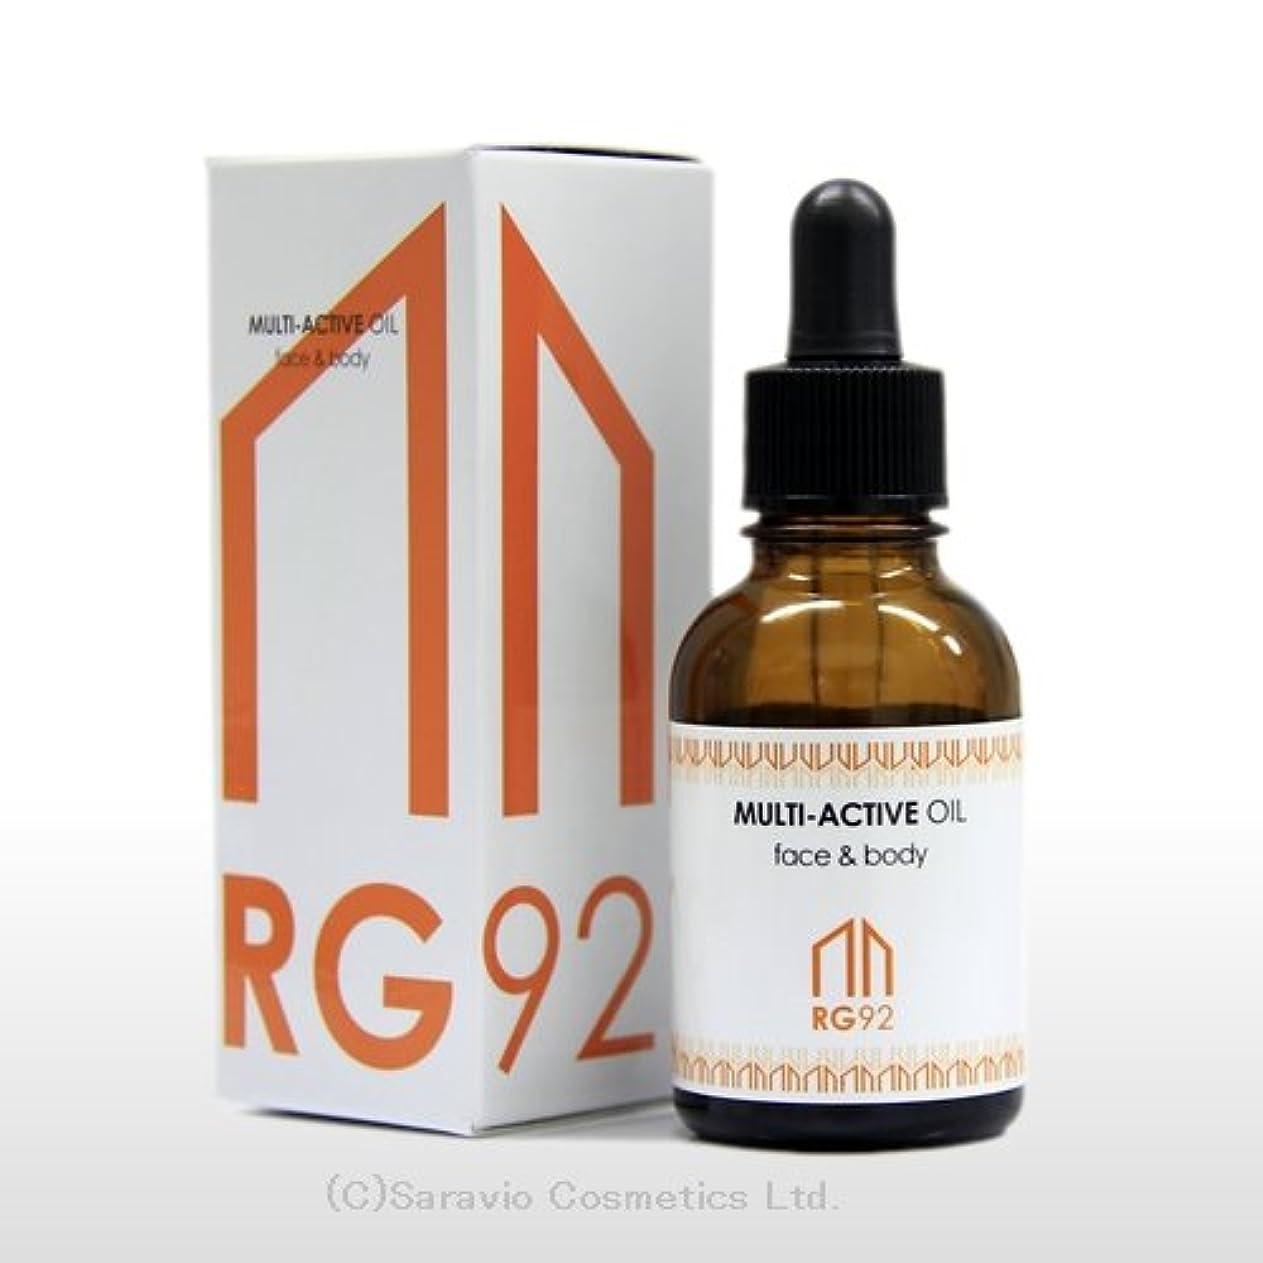 RG92マルチアクティブオイル